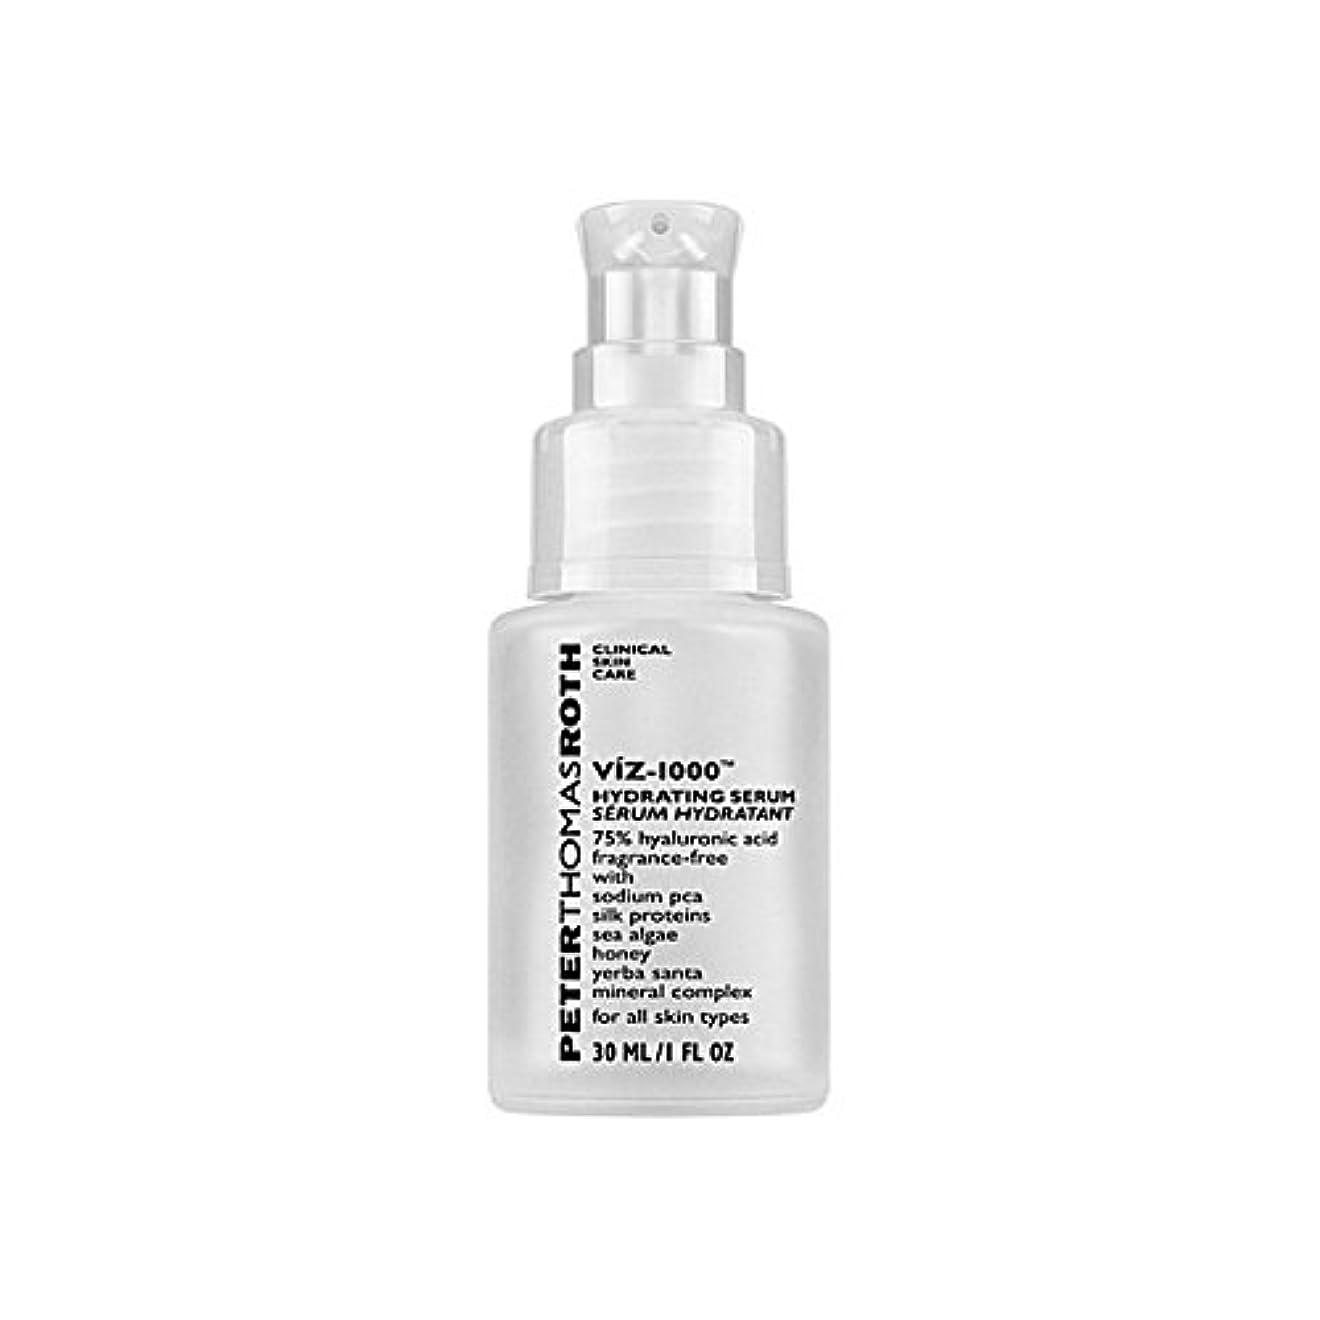 急ぐ論争的石油Peter Thomas Roth Viz-1000 Hydrating Serum 30Ml (Pack of 6) - ピーター?トーマス?ロスすなわち-1000水和セラム30 x6 [並行輸入品]